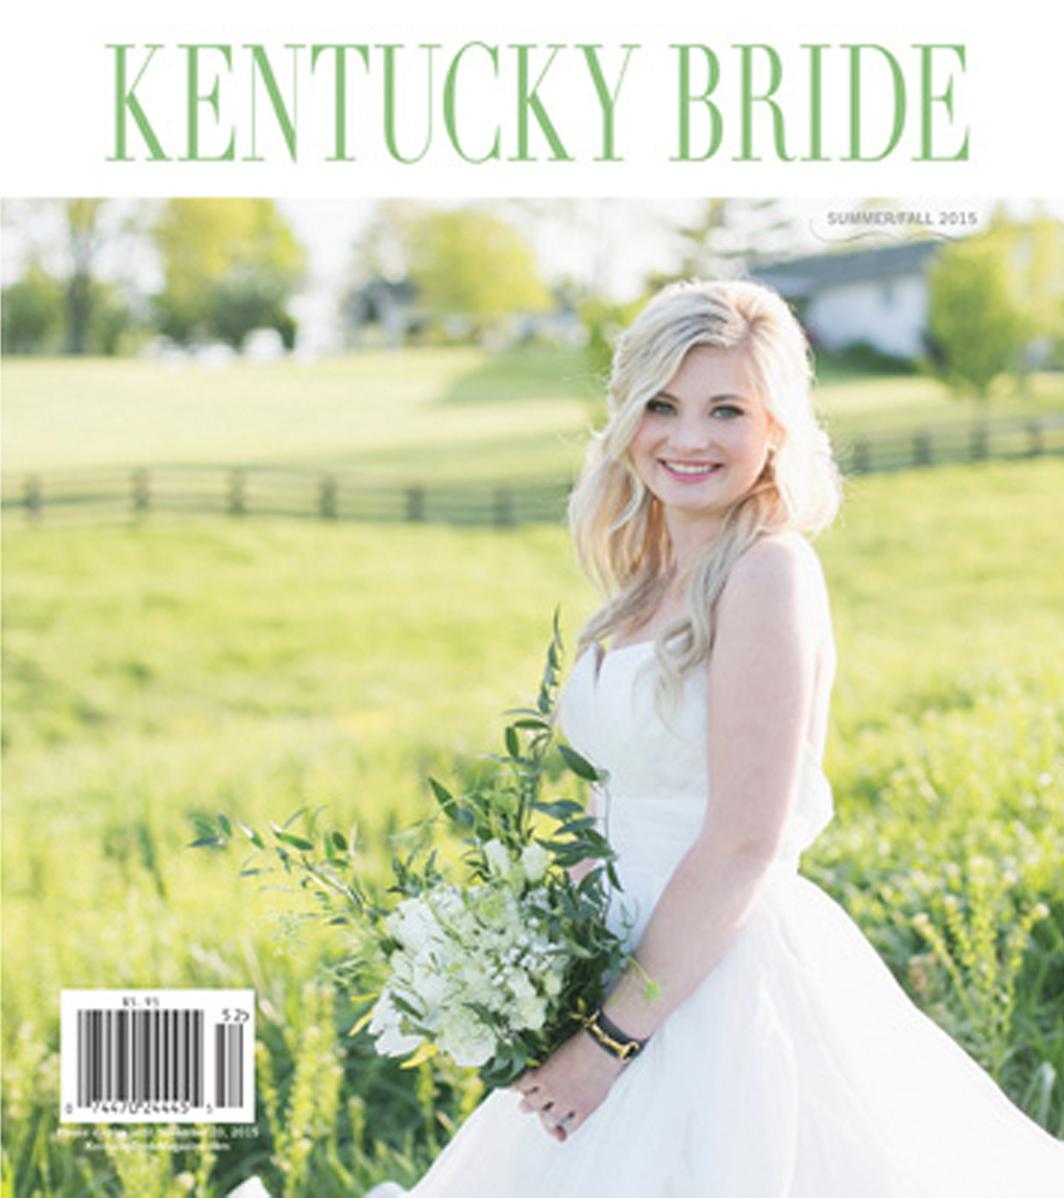 KY BRIDE summer 2015.jpg